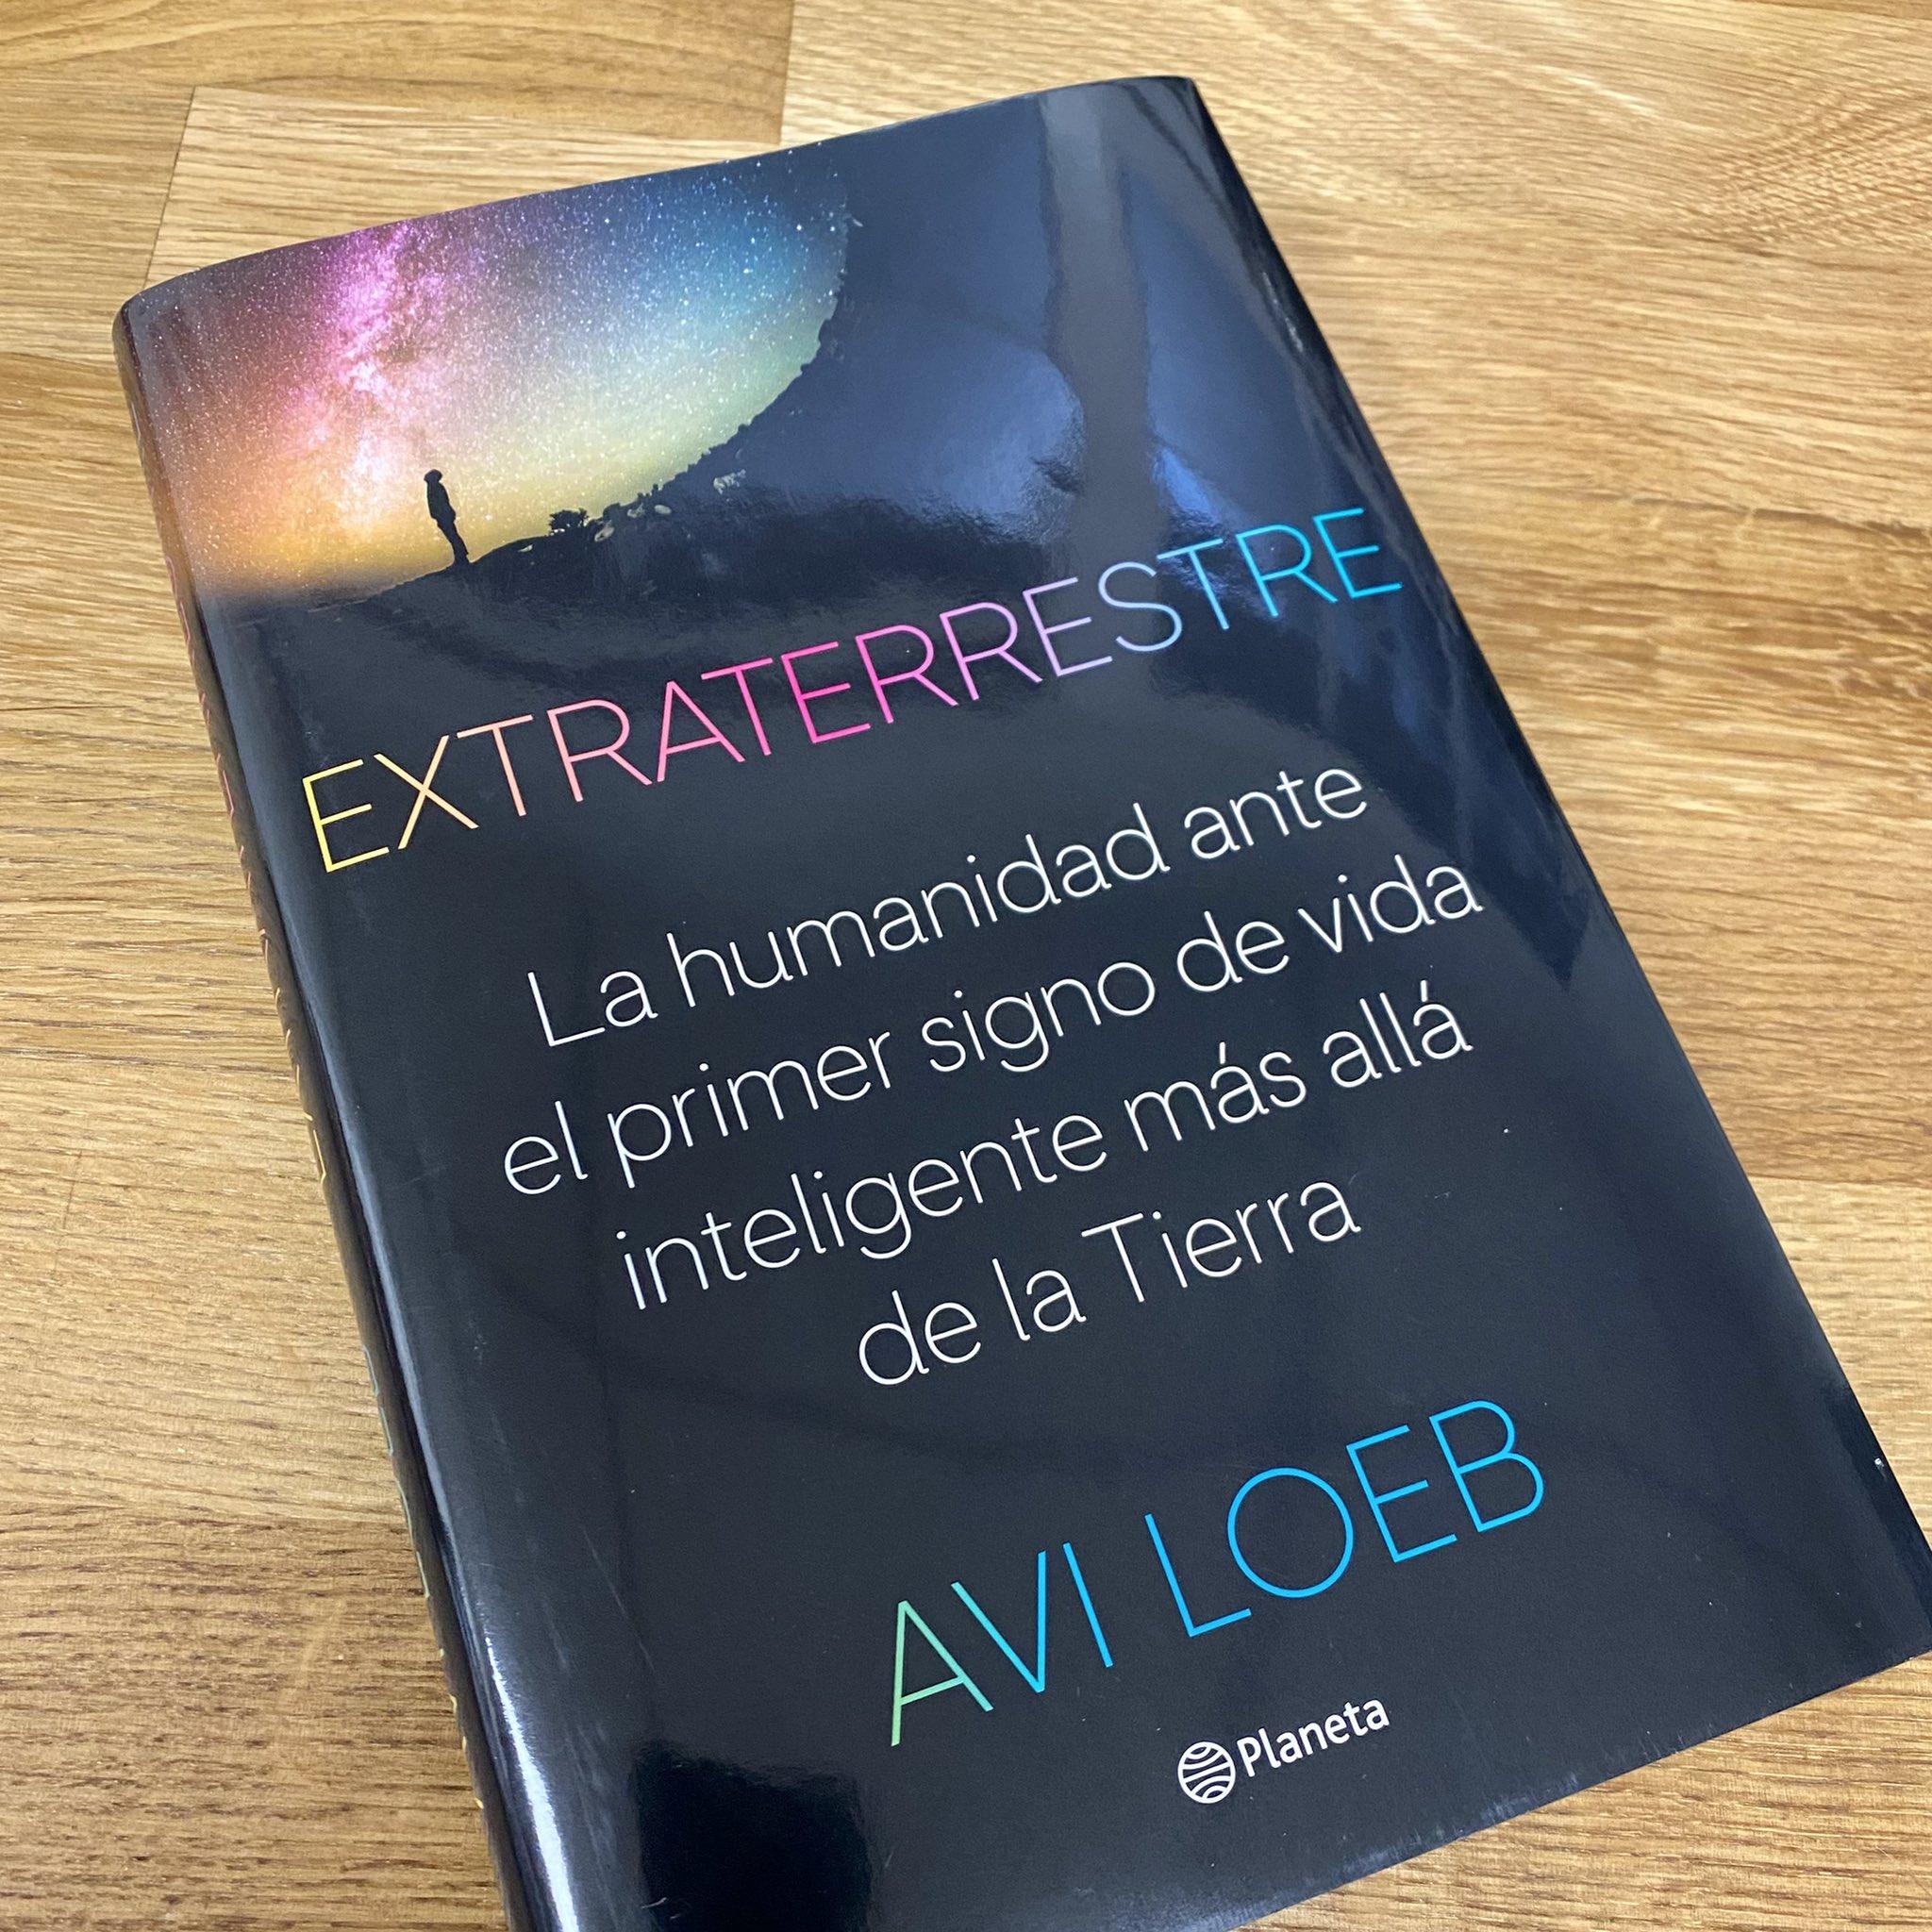 """Operador Nuclear on Twitter: """"Me acaba de llegar «Extraterrestre», el nuevo libro del eminente y al mismo tiempo controventido astrofísico Avi Loeb, cortesía de @edit_planeta. Gracias.… https://t.co/WC91Bkxdn5"""""""